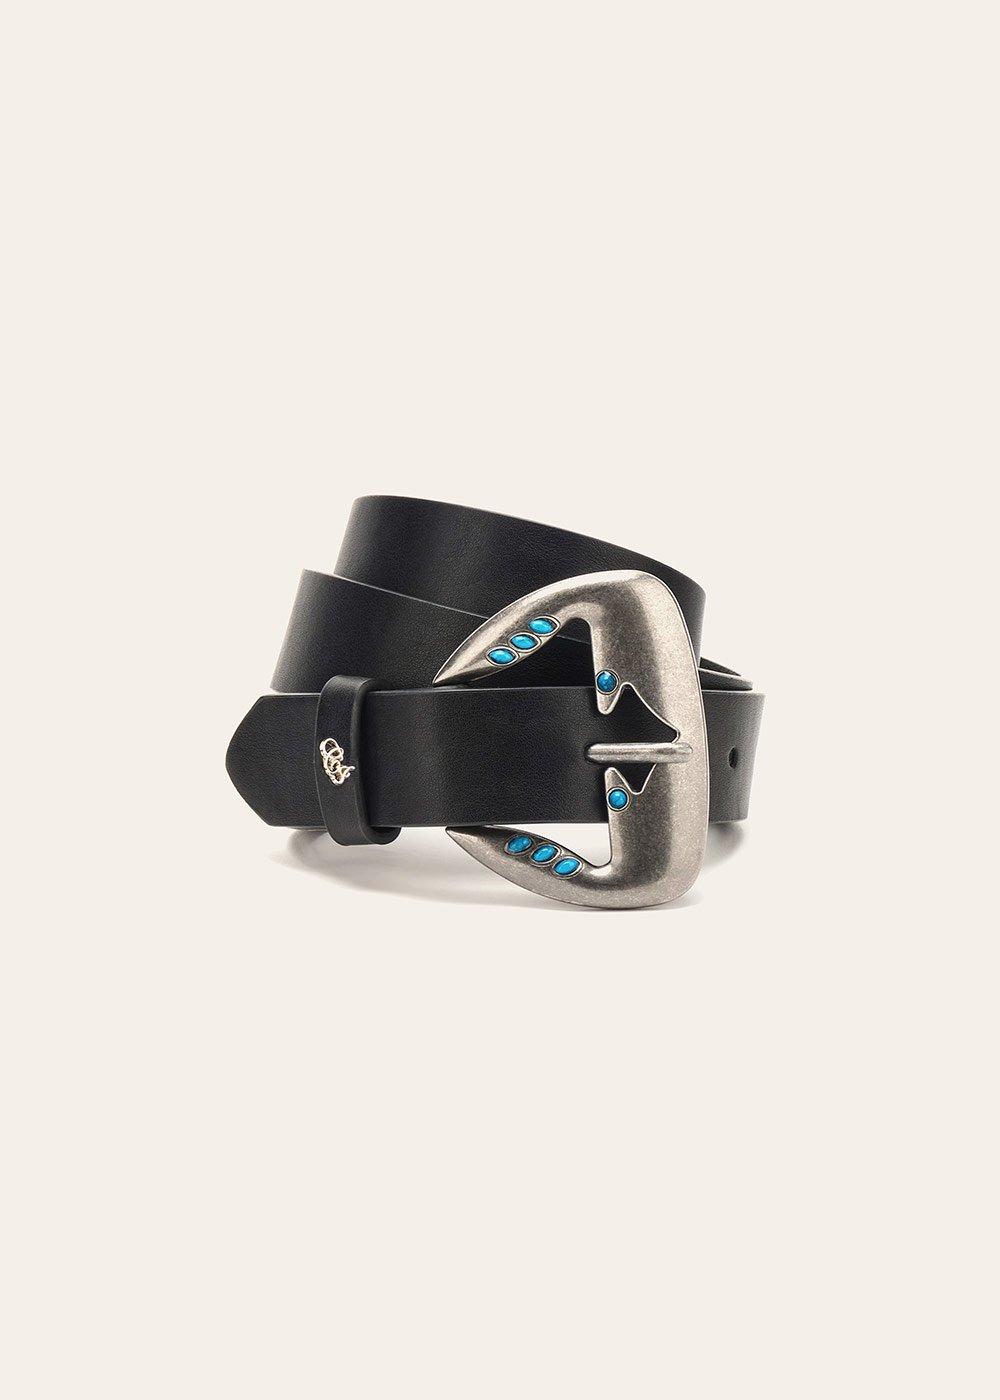 Cintura Cherys con micro borchie turchesi - Black - Donna